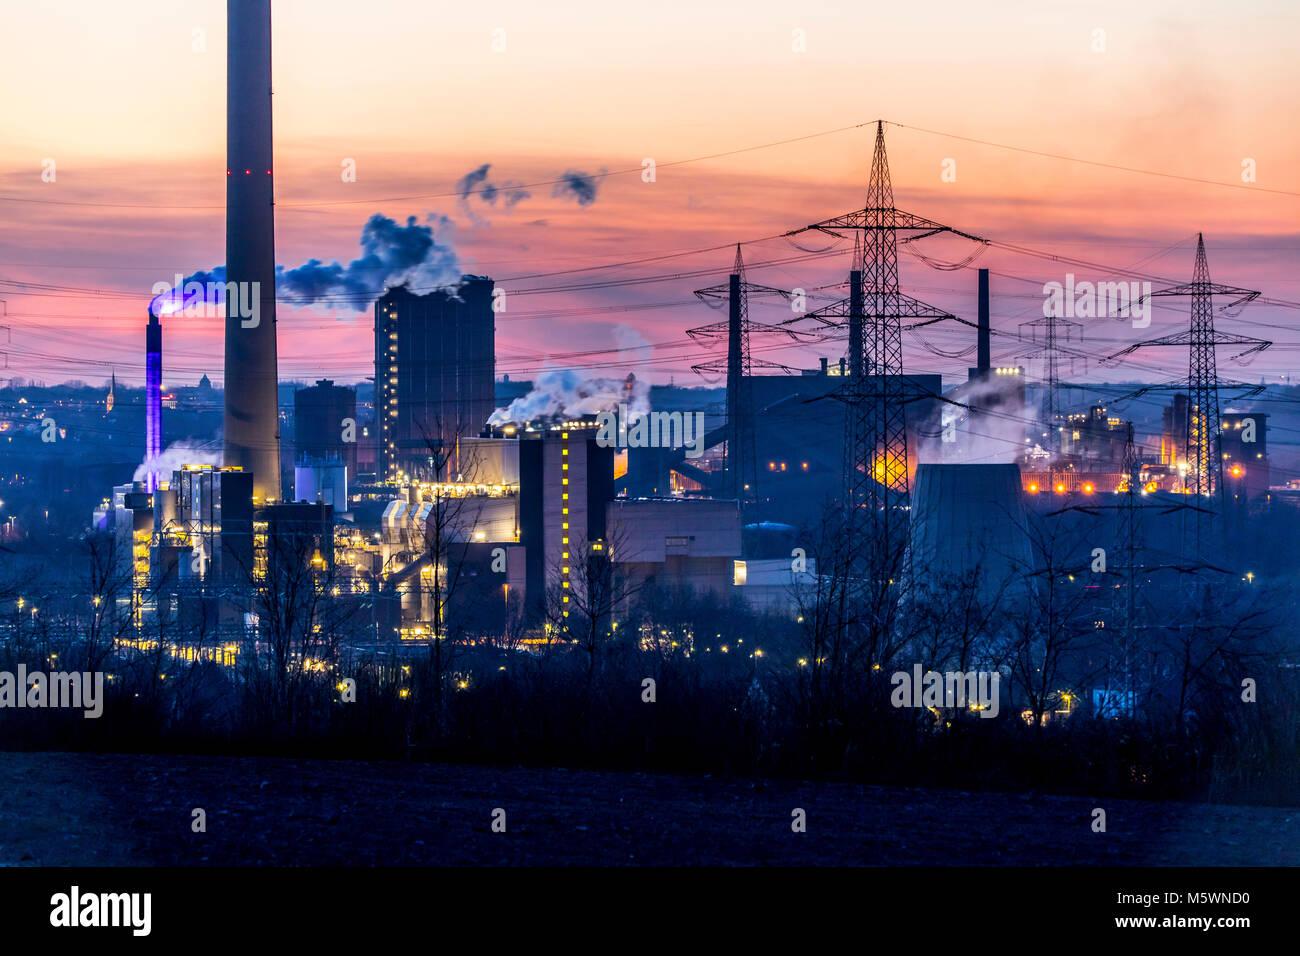 Kokerei Proper in Bottrop, rechts, RWE Müllverbrennungsanlage Essen-Karnap, - Stock Image